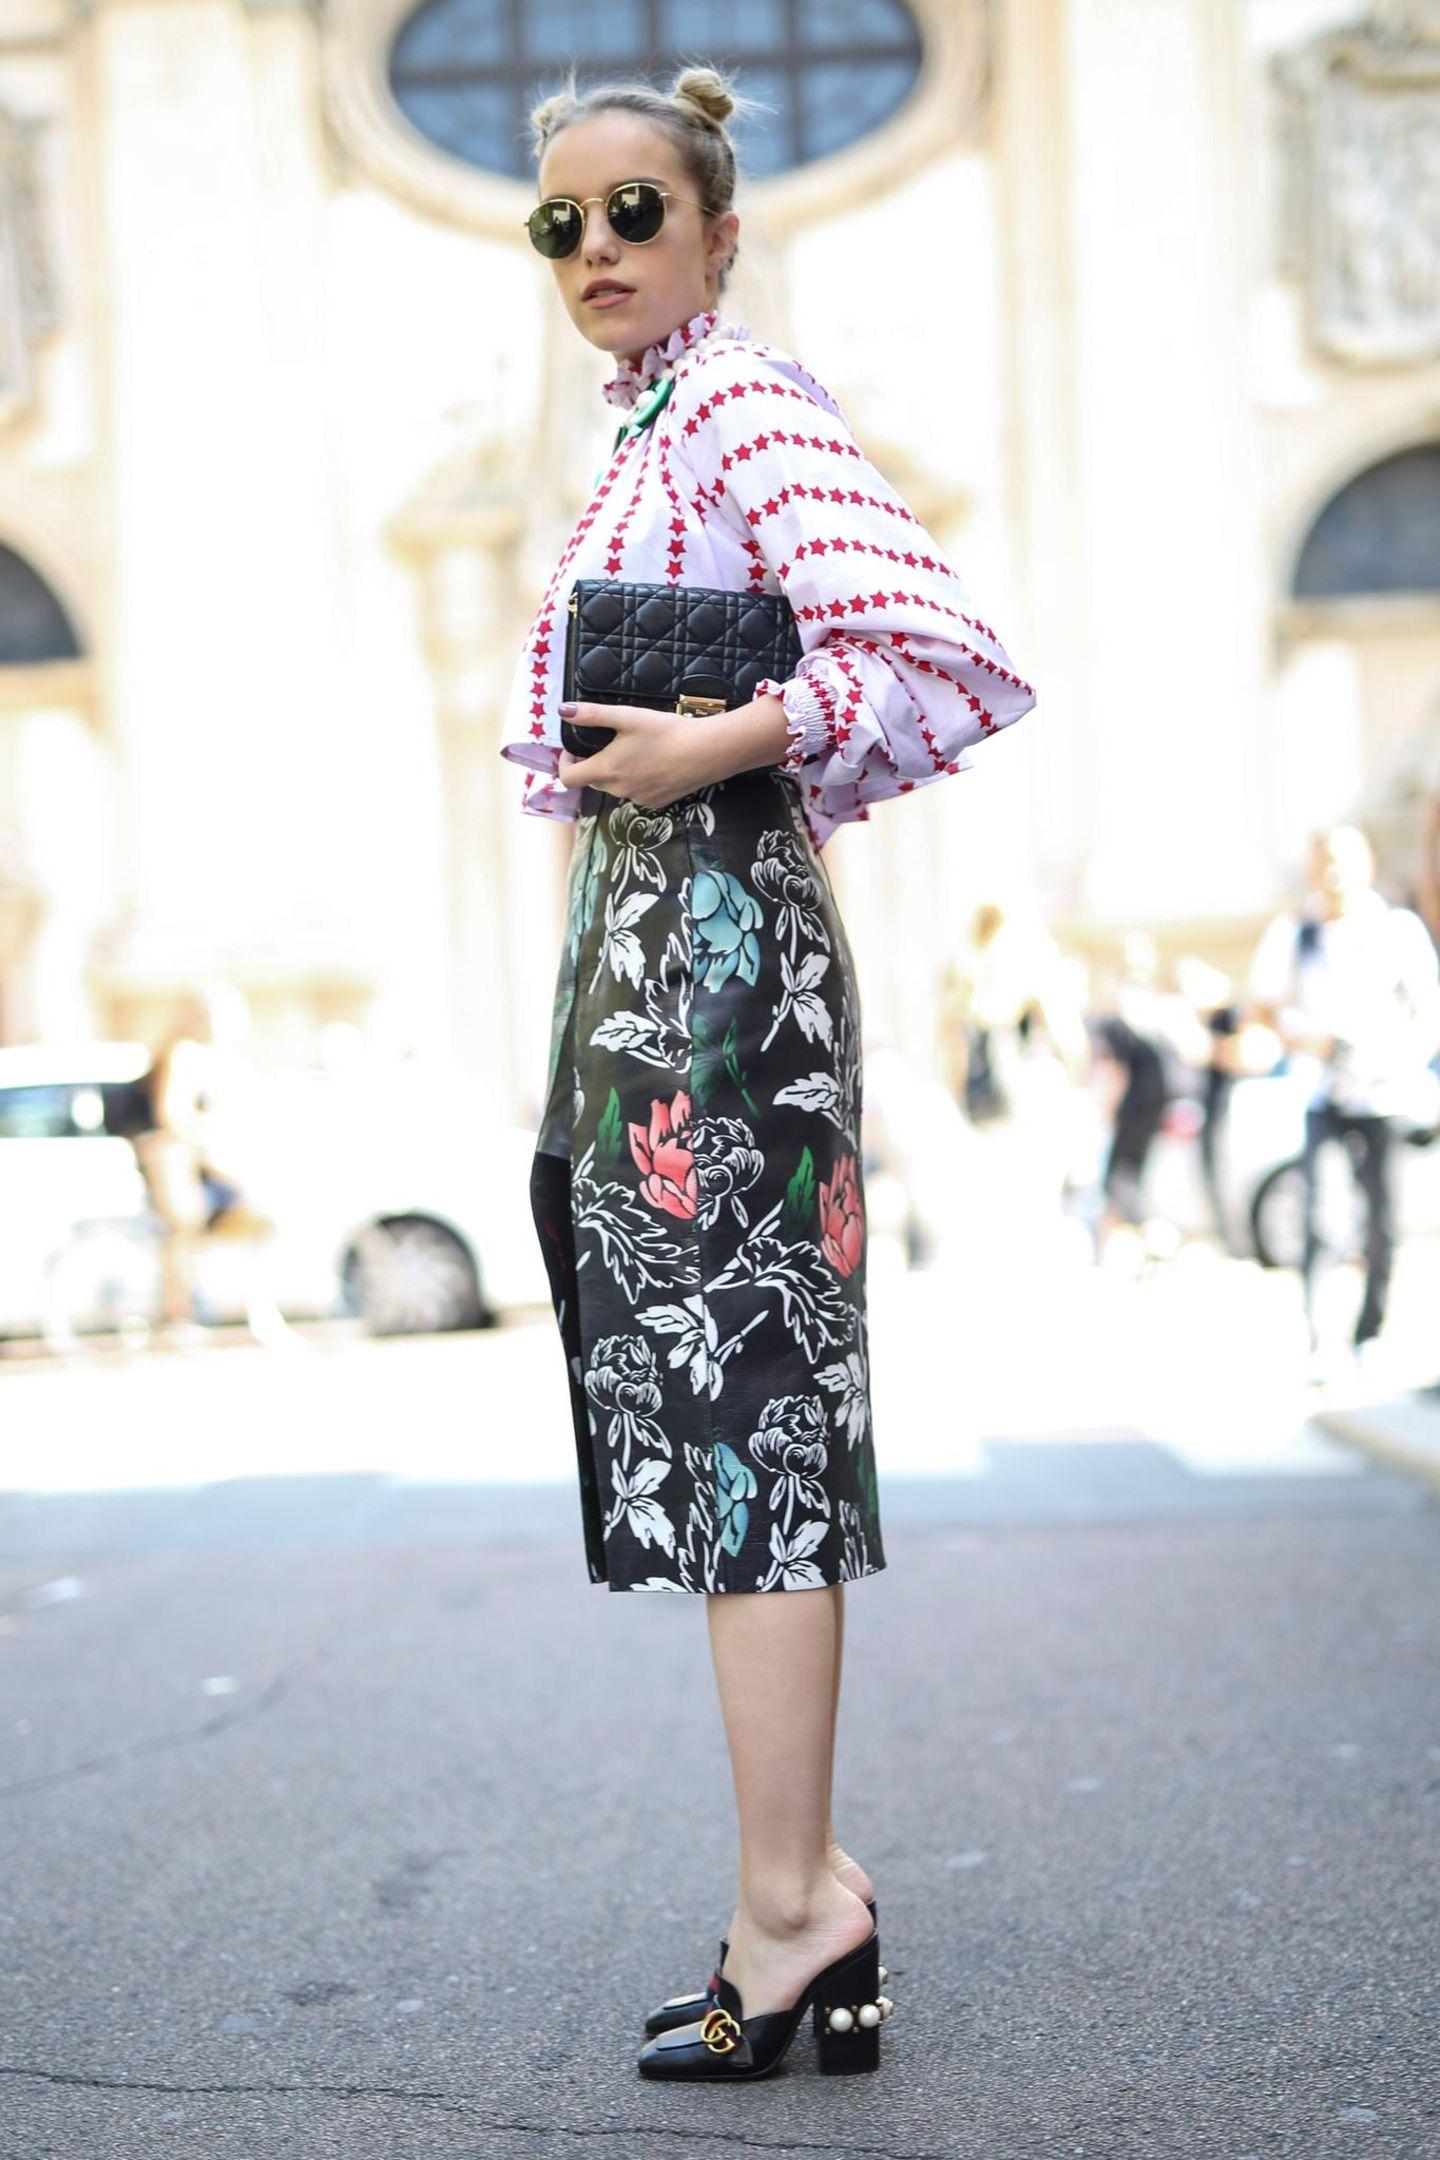 Frau mit gemustertem Outfit